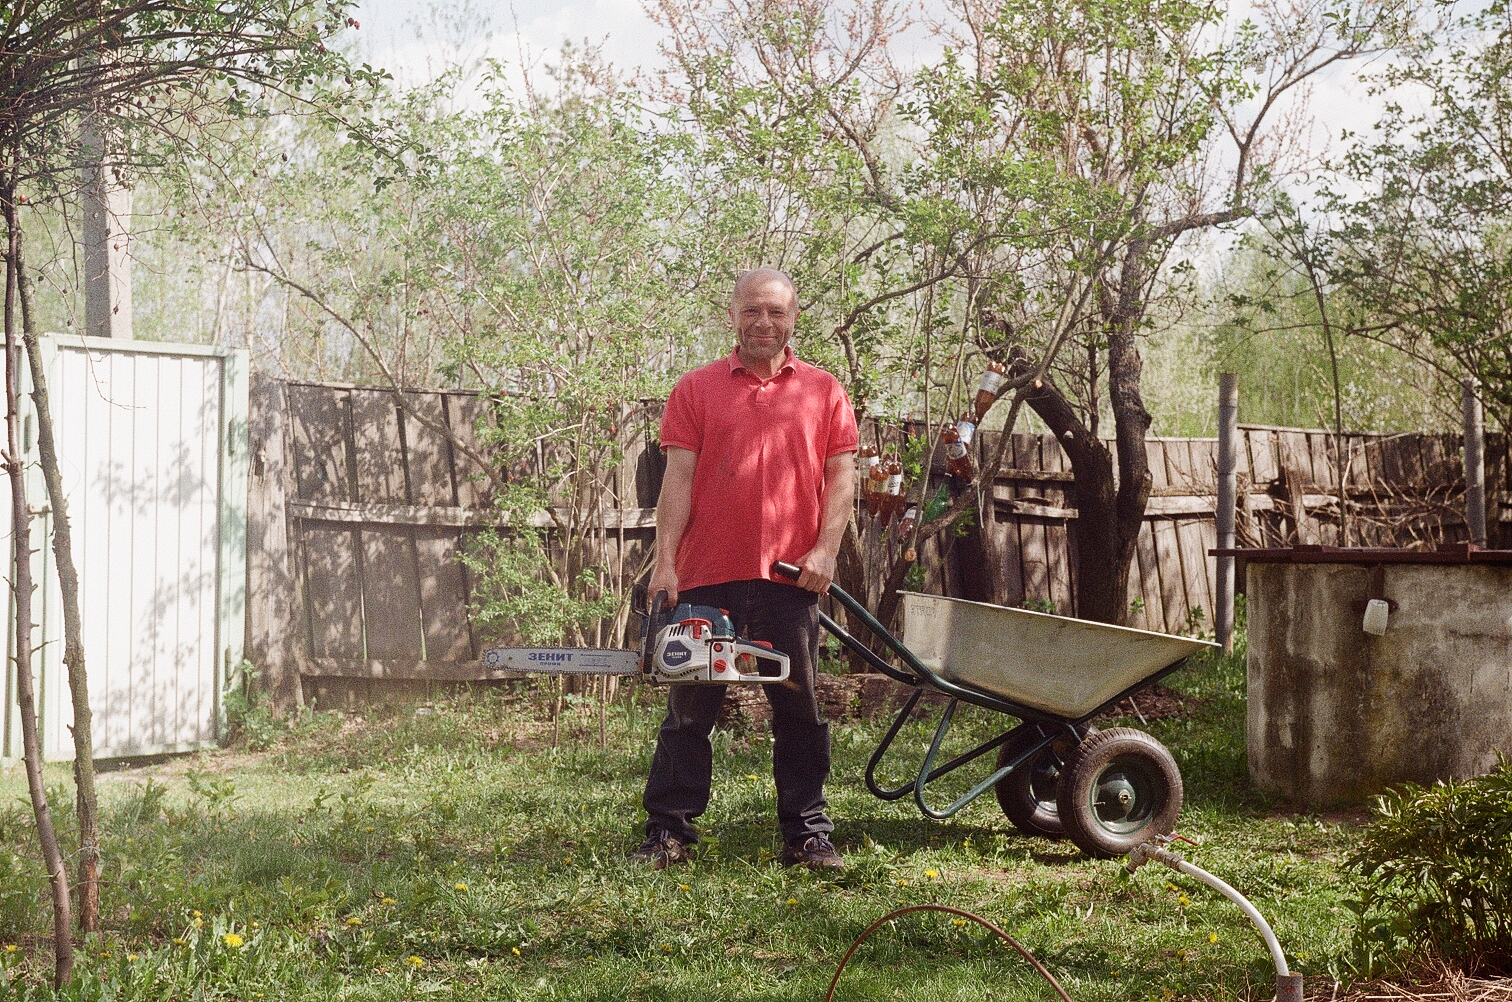 Юрий Павленко на даче с бензопилой